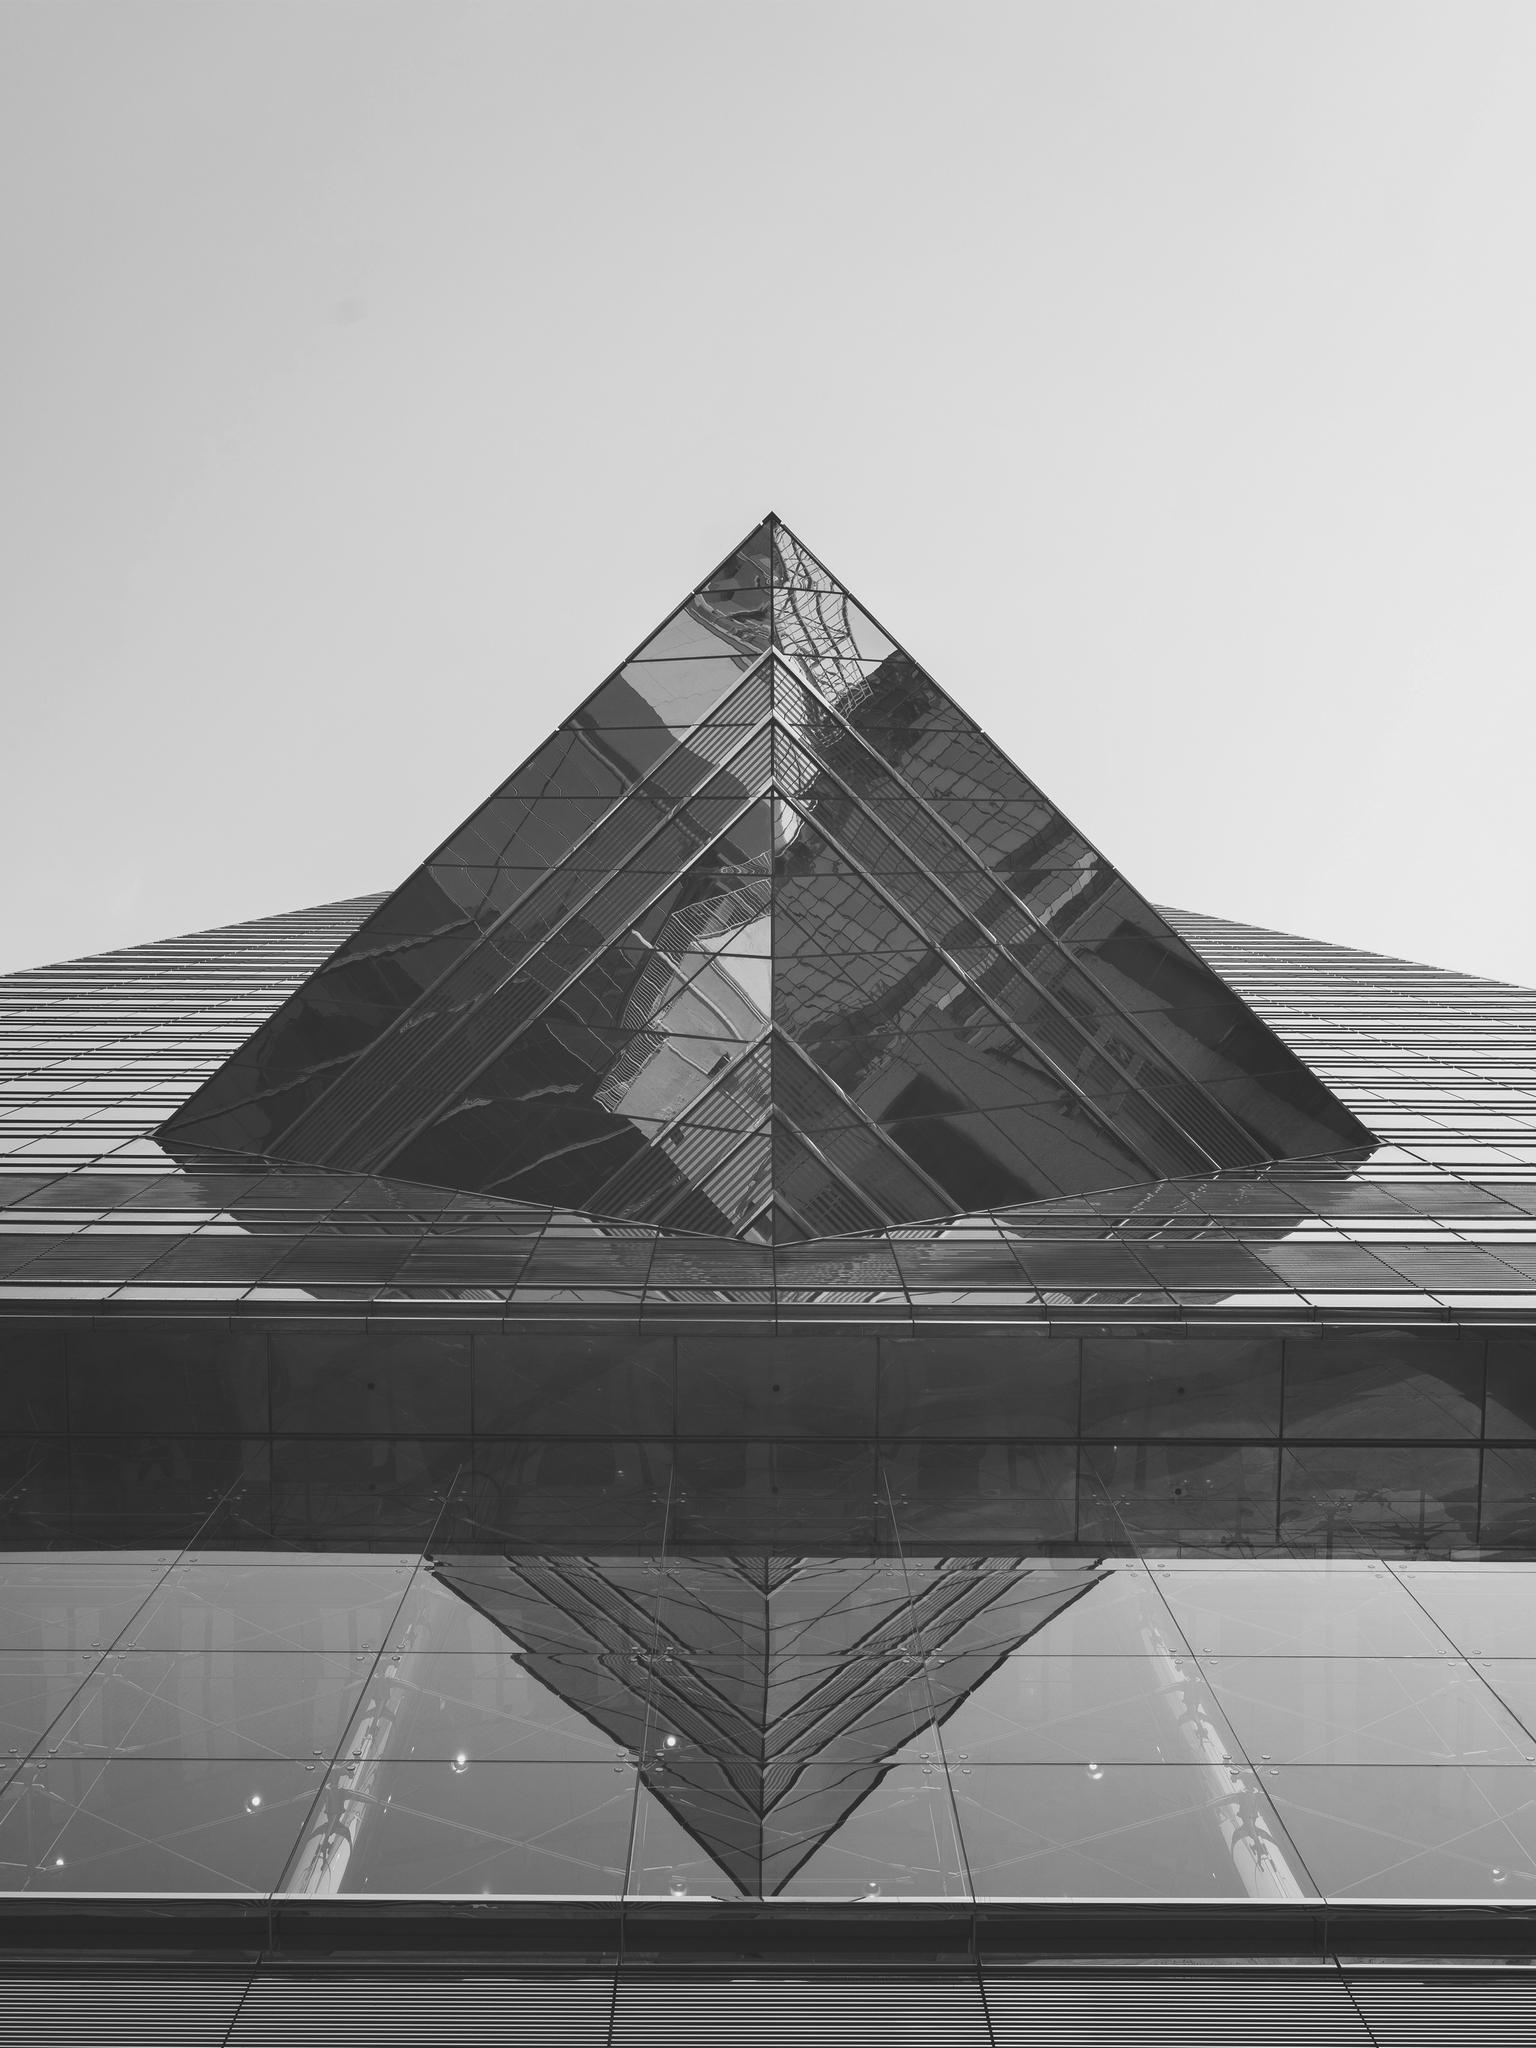 13. Pyramid